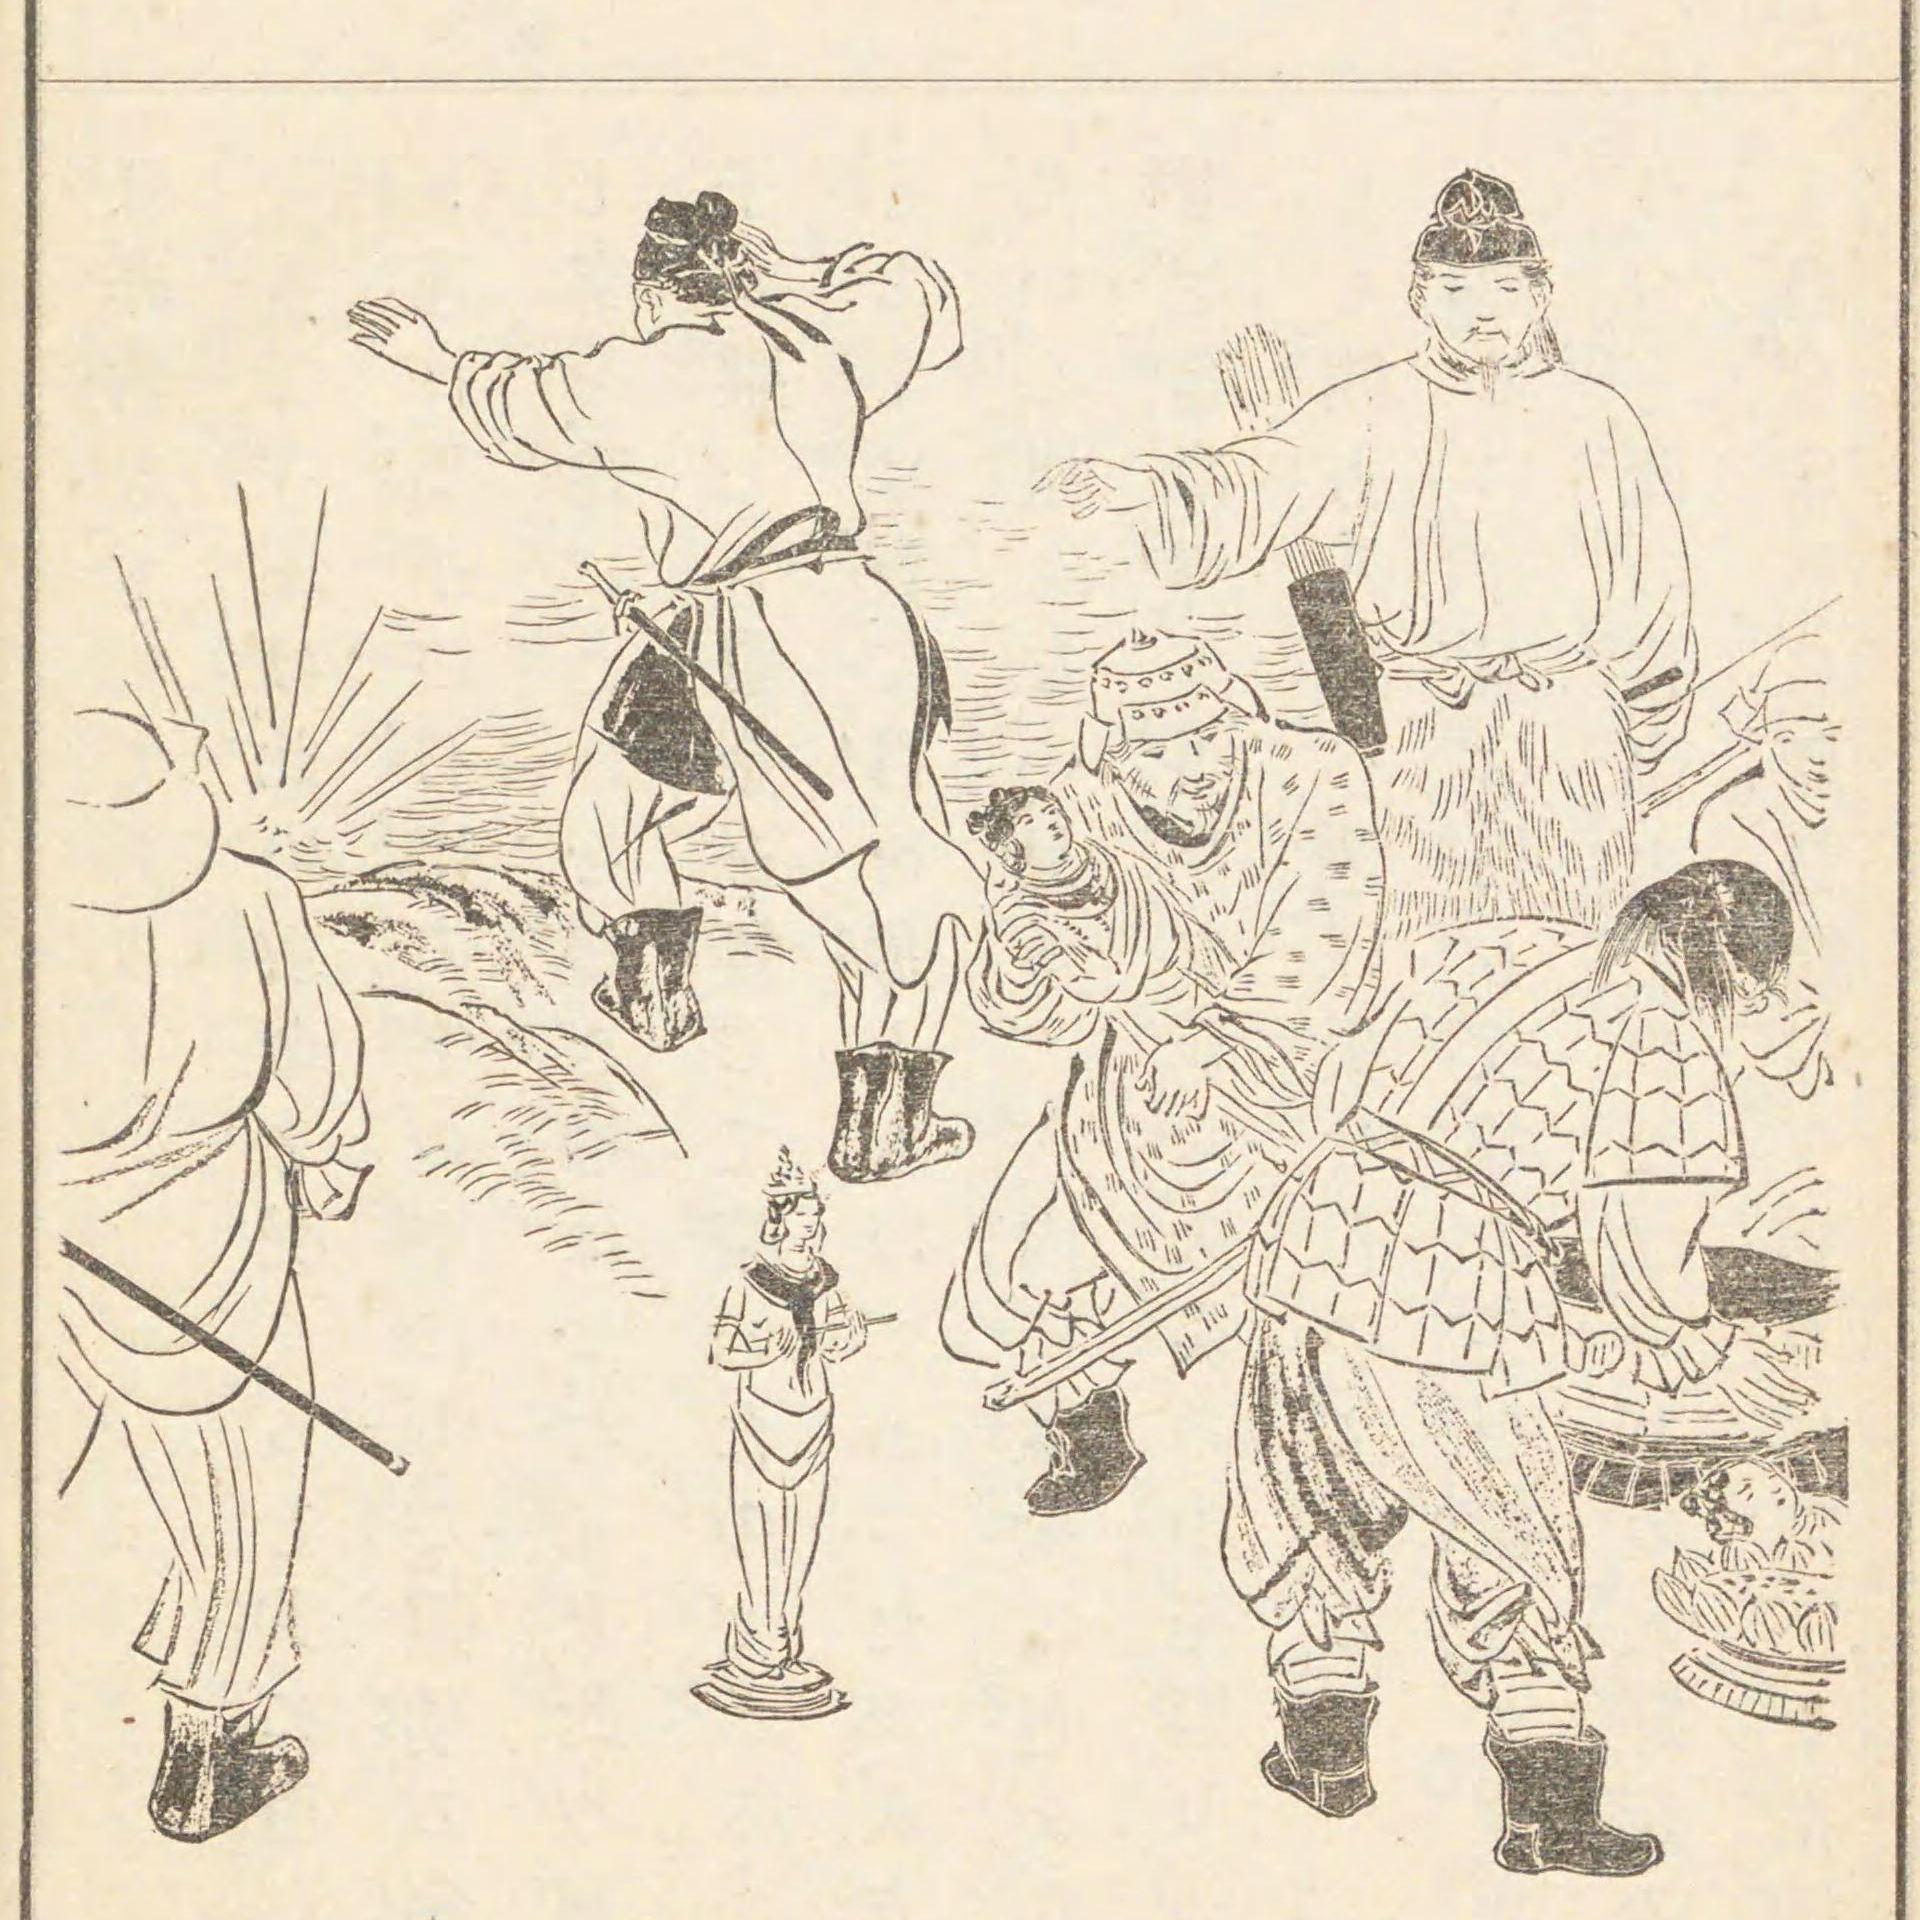 仏教導入によってアマテラスの神格がおとしめられた?!